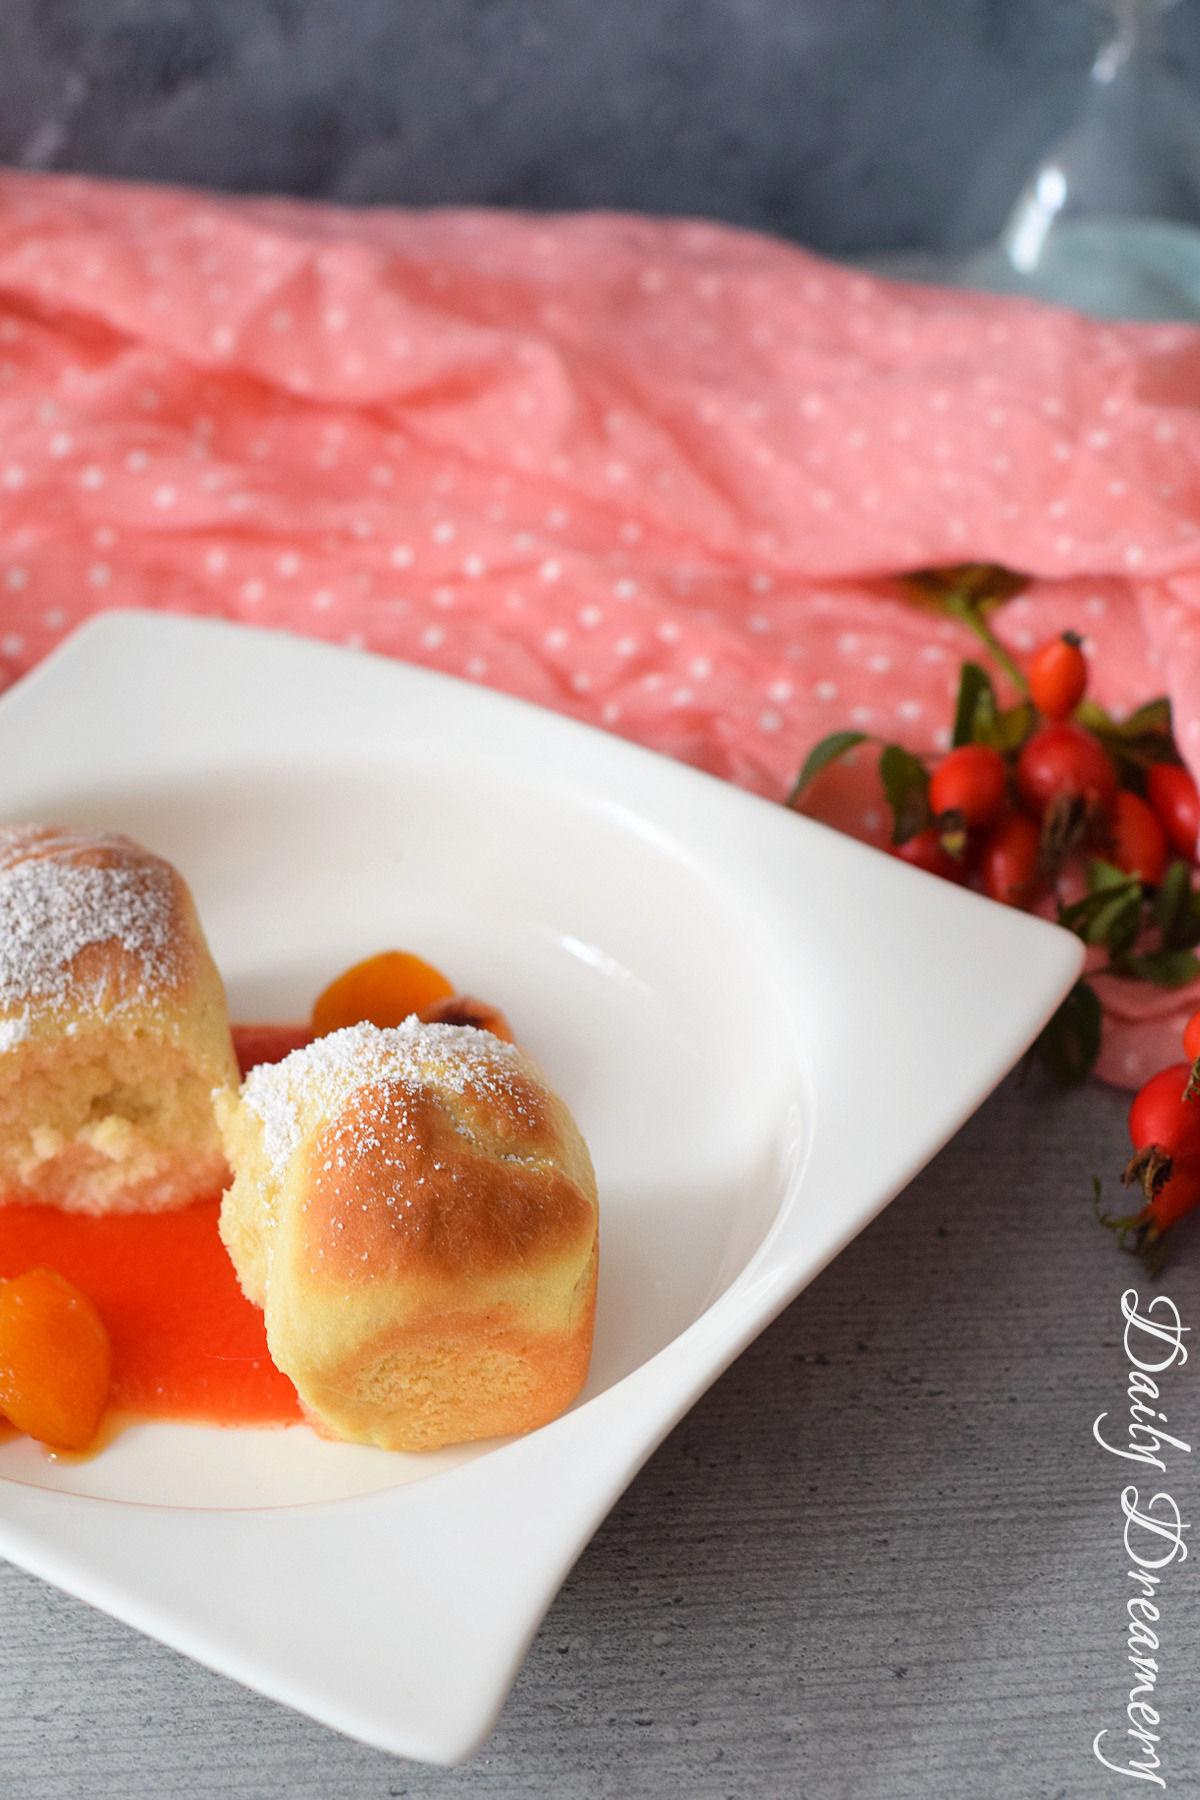 Rezept für selbstgemachte vegane Vanillebuchteln mit exotischem Papaya-Fruchtspiegel und karamellisierten Aprikosen